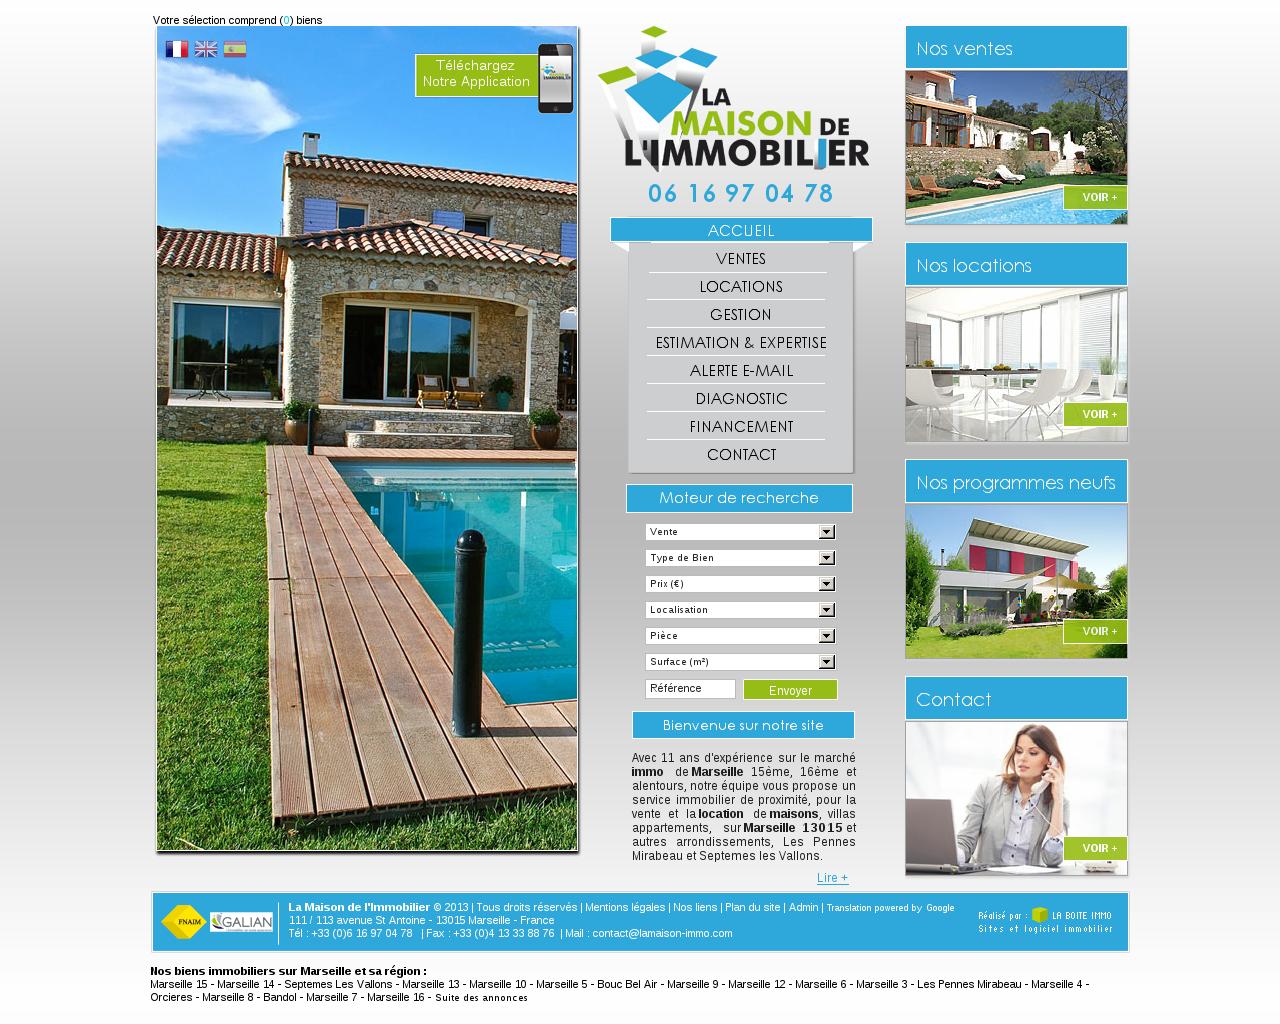 Agences immobili res sur la commune de saint antoine for Agence immobiliere 15eme